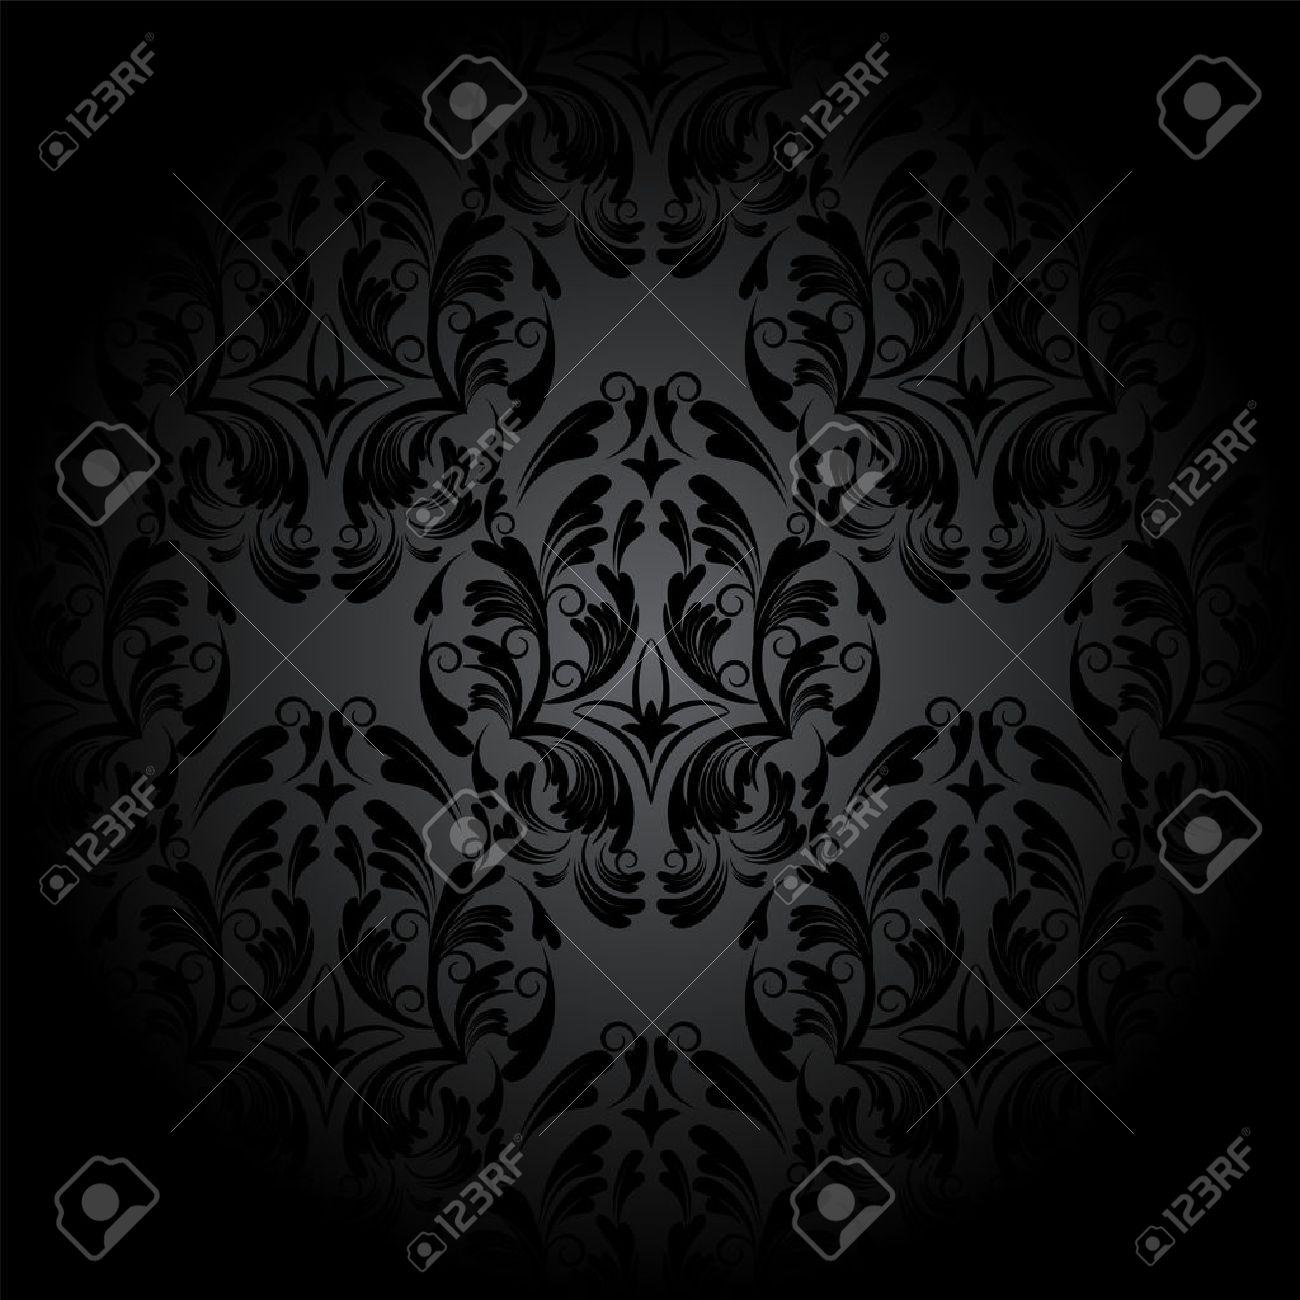 高級シームレスな木炭ゴシック パターン 暗い壁紙のイラスト素材